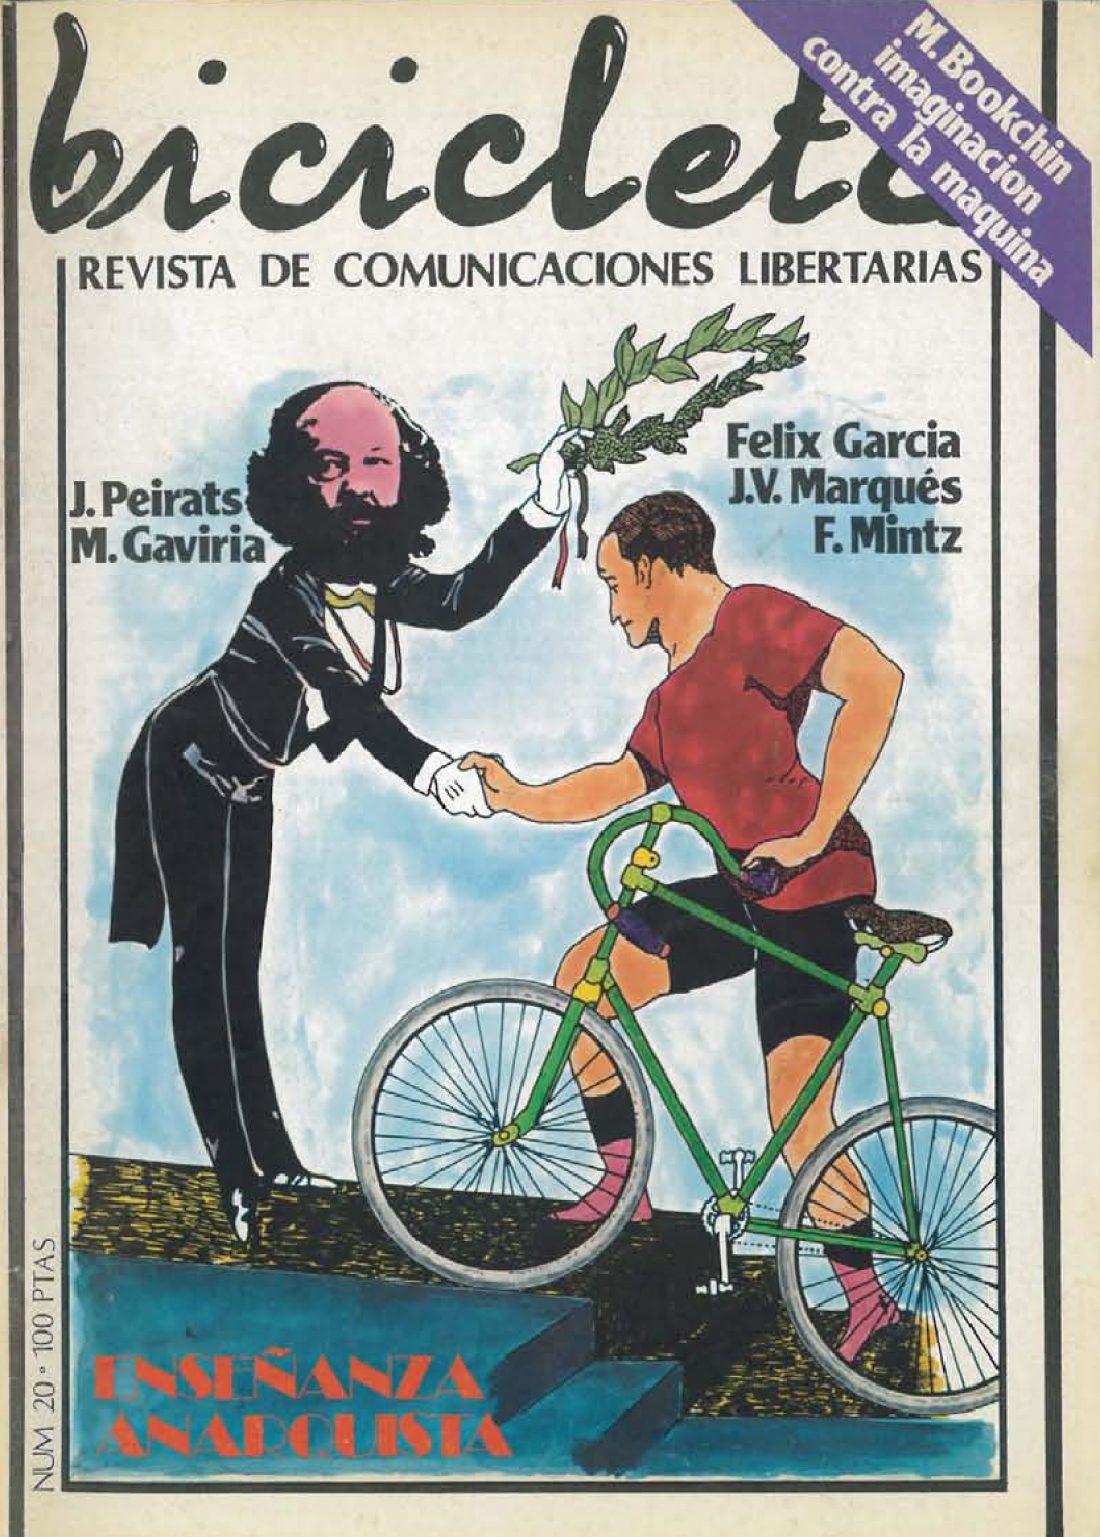 Bicicleta núm. 20